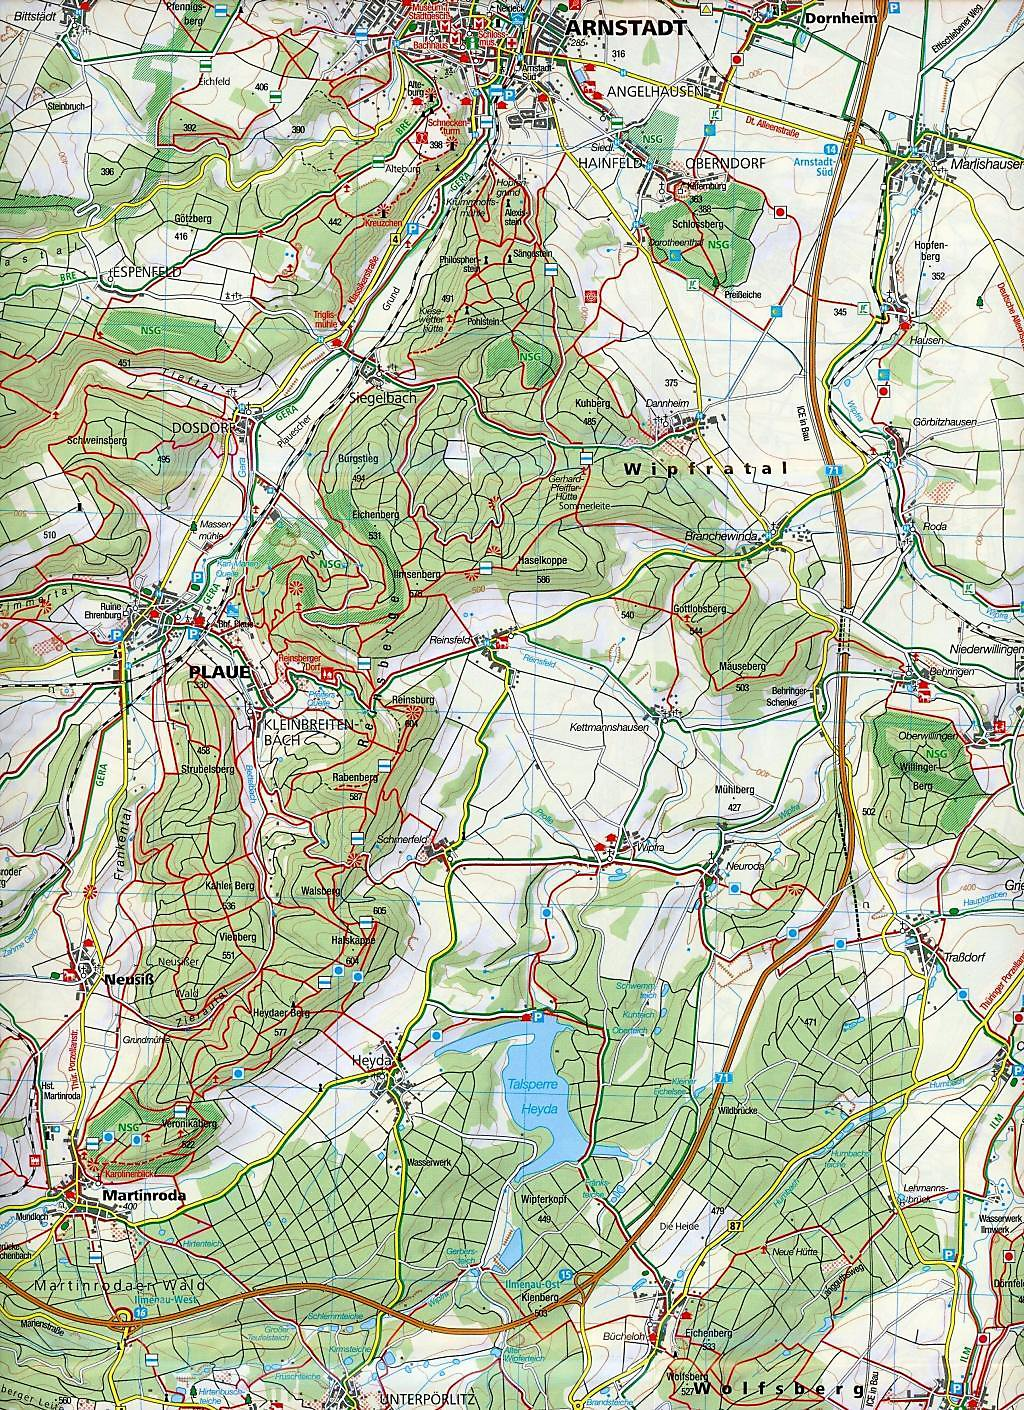 Thüringer Wald Karte.Kompass Karte östlicher Thüringer Wald Buch Portofrei Weltbild De